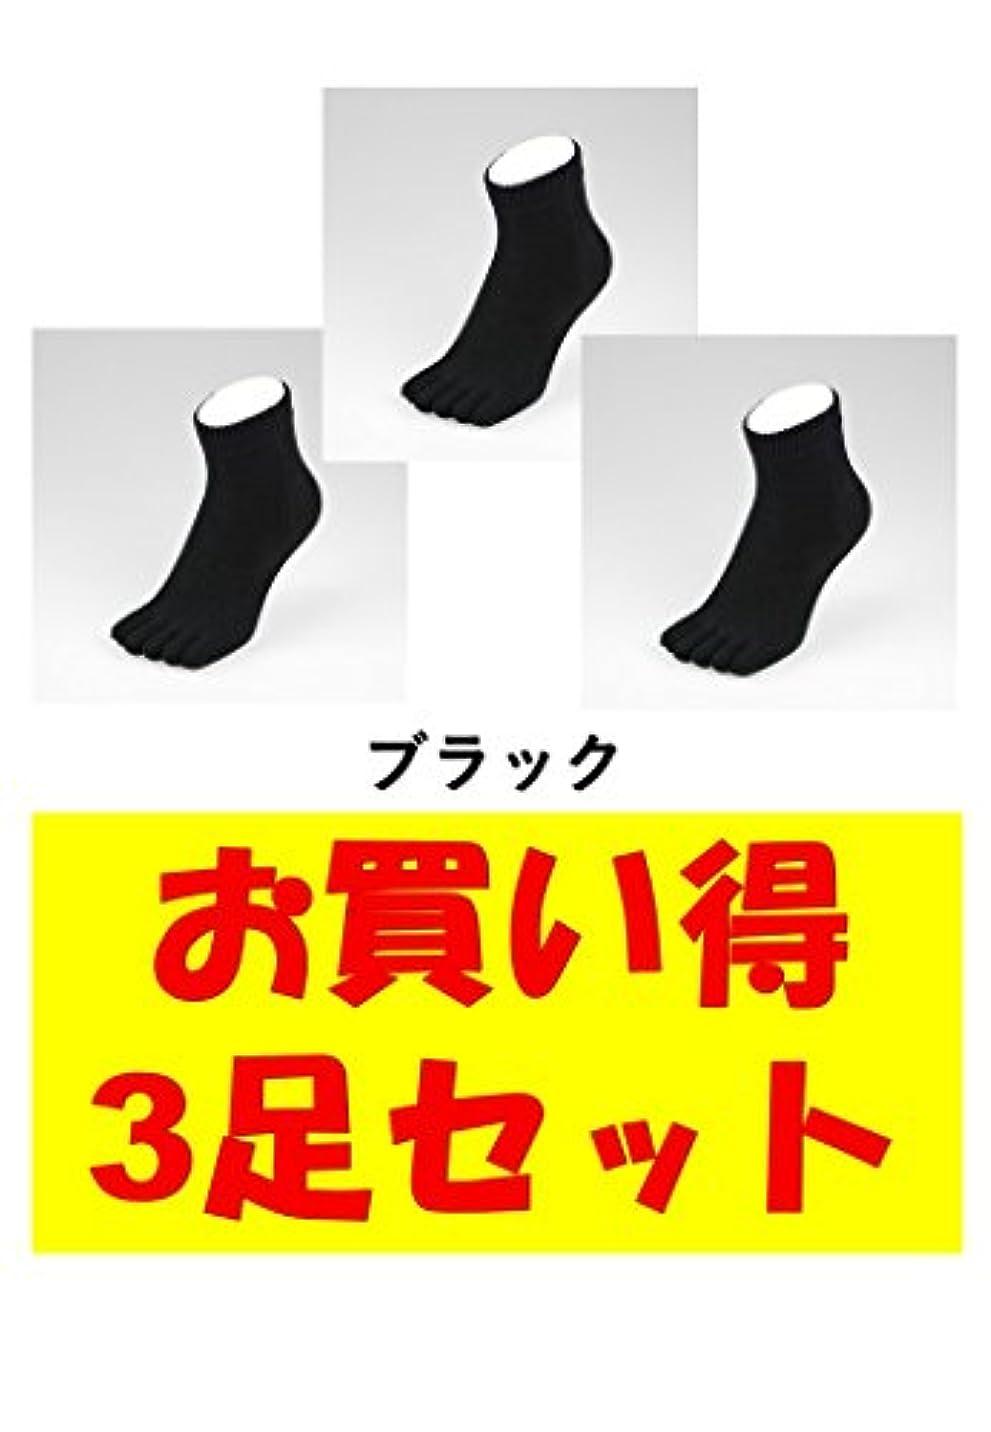 関係ない大宇宙ファンタジーお買い得3足セット 5本指 ゆびのばソックス Neo EVE(イヴ) ブラック Sサイズ(21.0cm - 24.0cm) YSNEVE-BLK